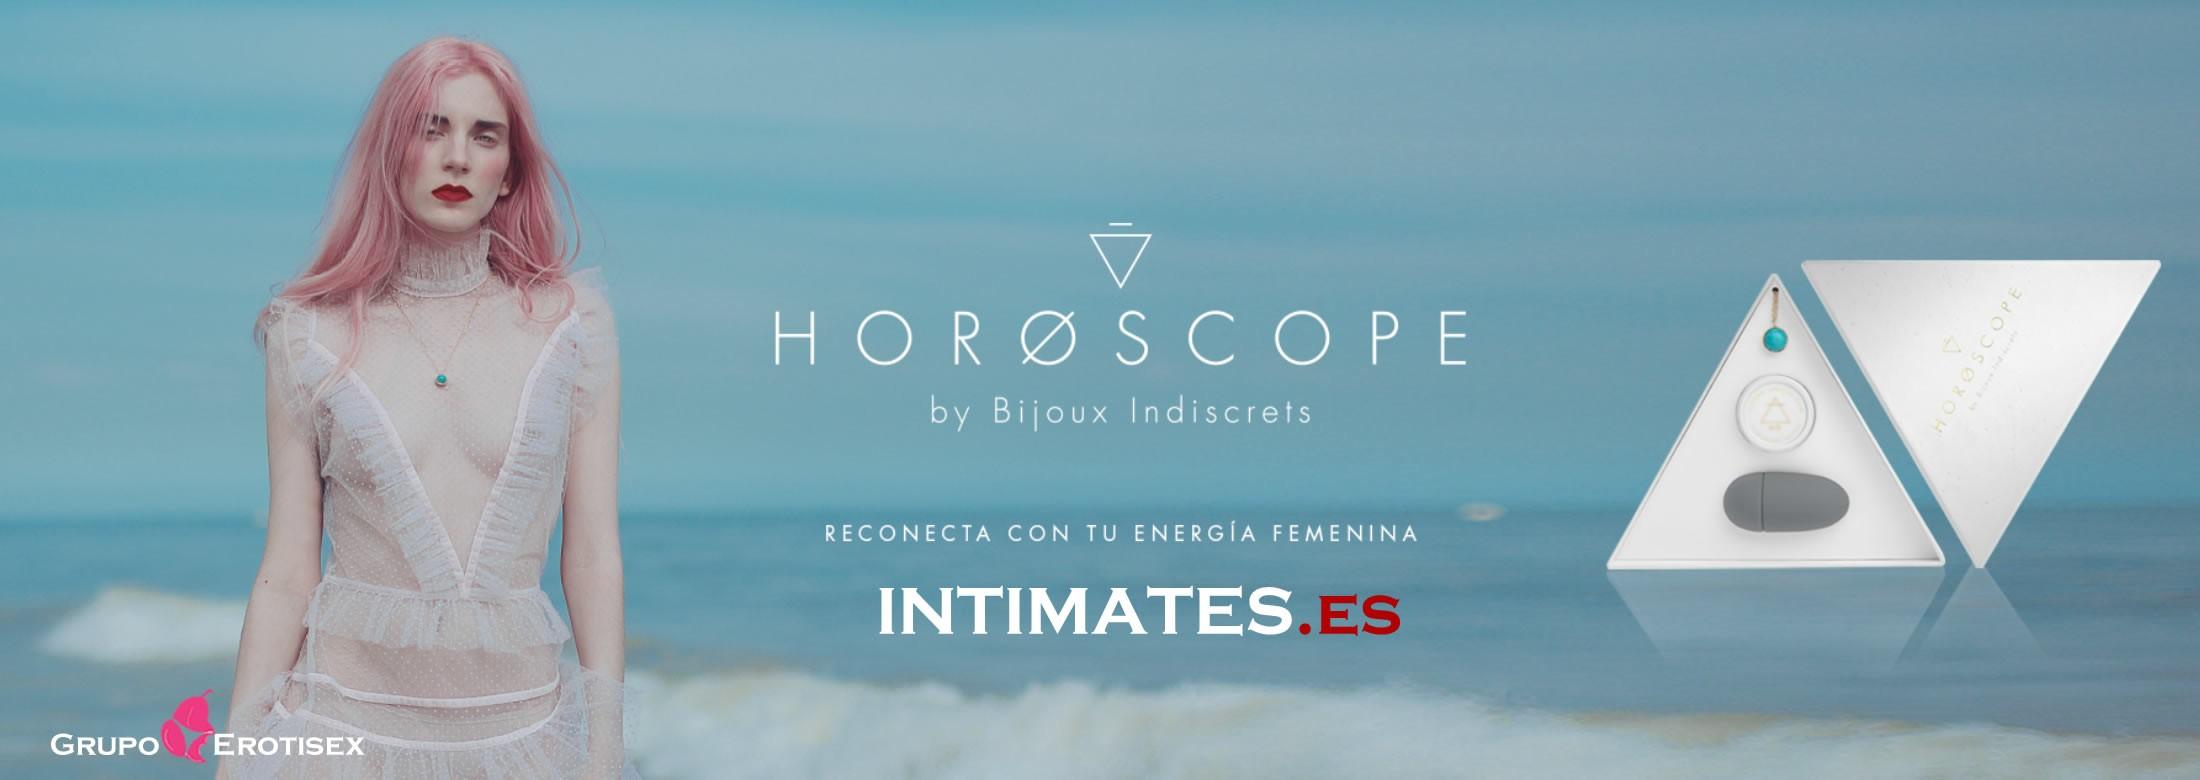 Bijoux Indiscrets es una marca dedicada al erotismo y a la sensualidad.